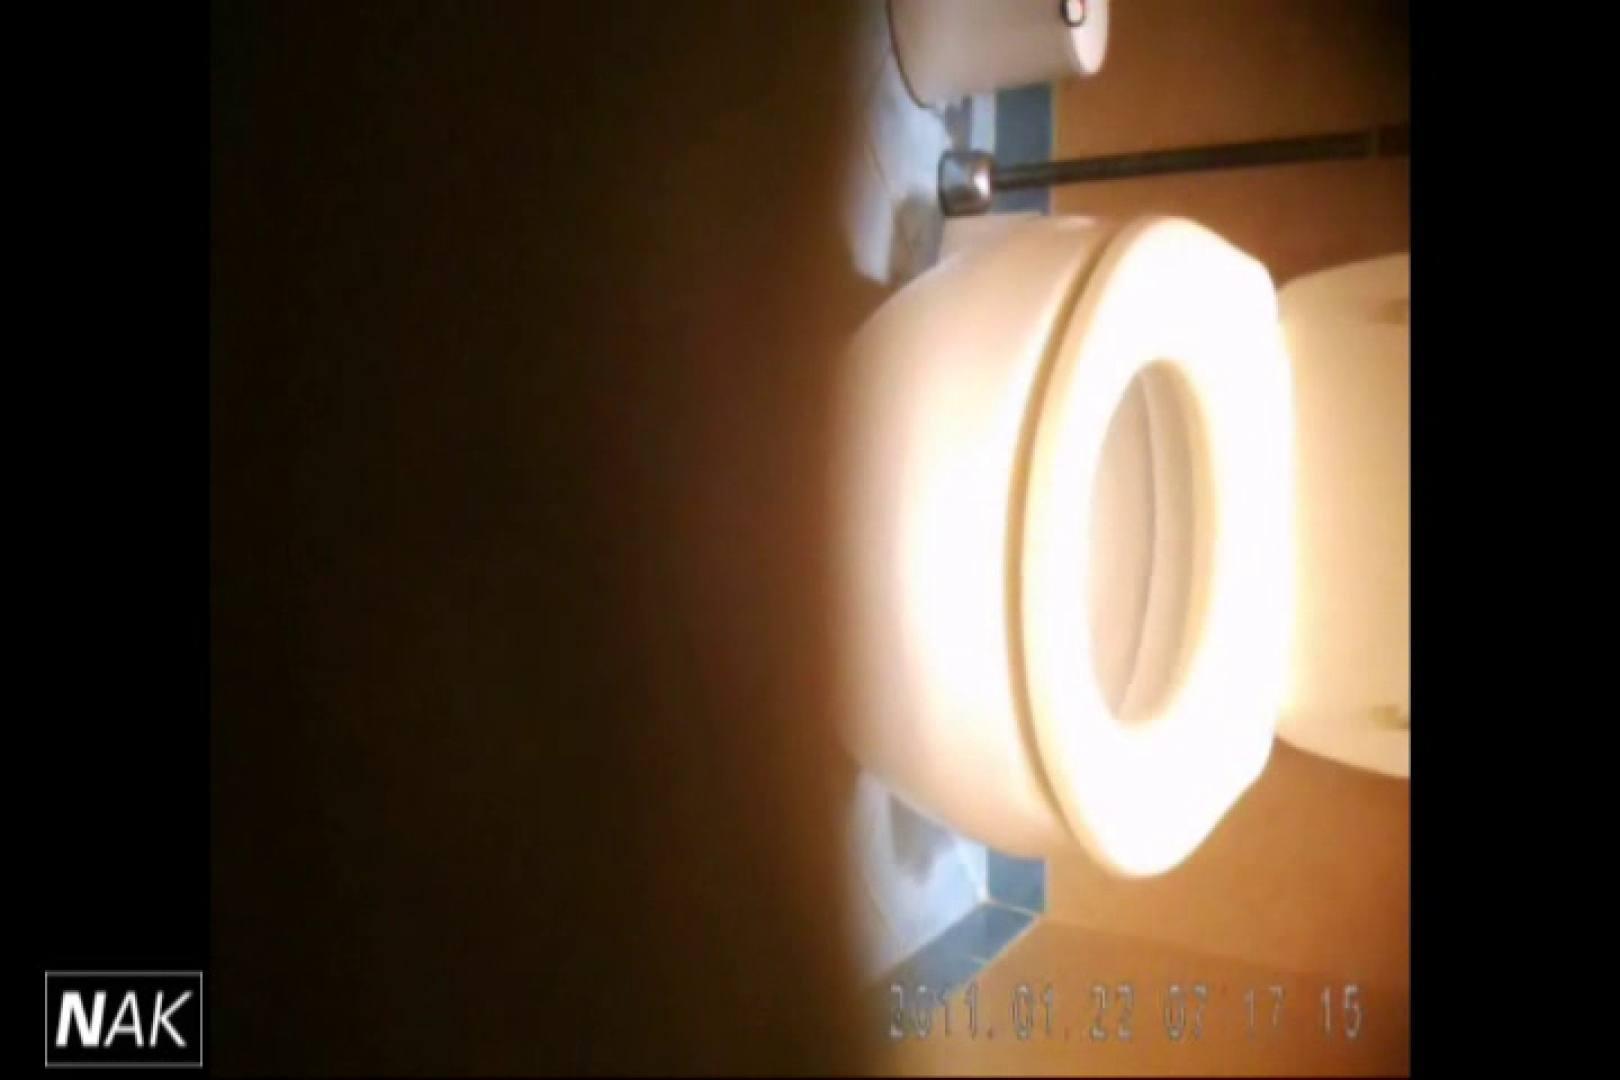 せん八さんの厠観察日記!2点監視カメラ 高画質5000K vol.10 HなOL オマンコ無修正動画無料 86pic 9